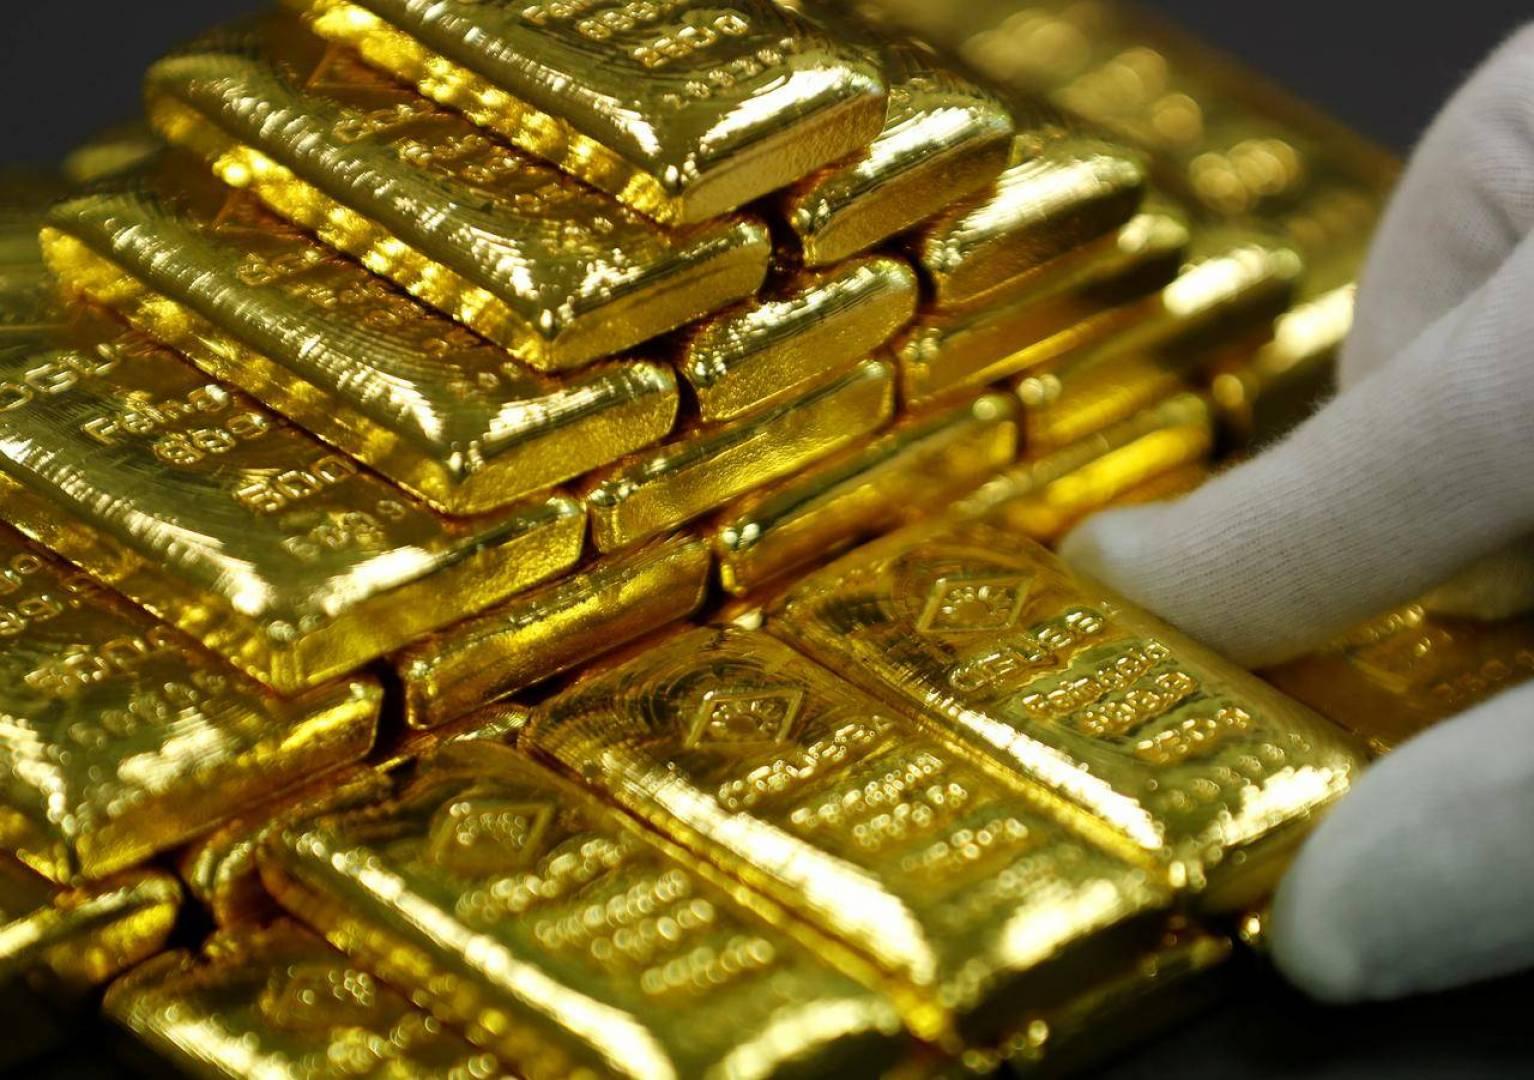 الذهب يتراجع مع تعزيز آمال التجارة لشهية المخاطرة